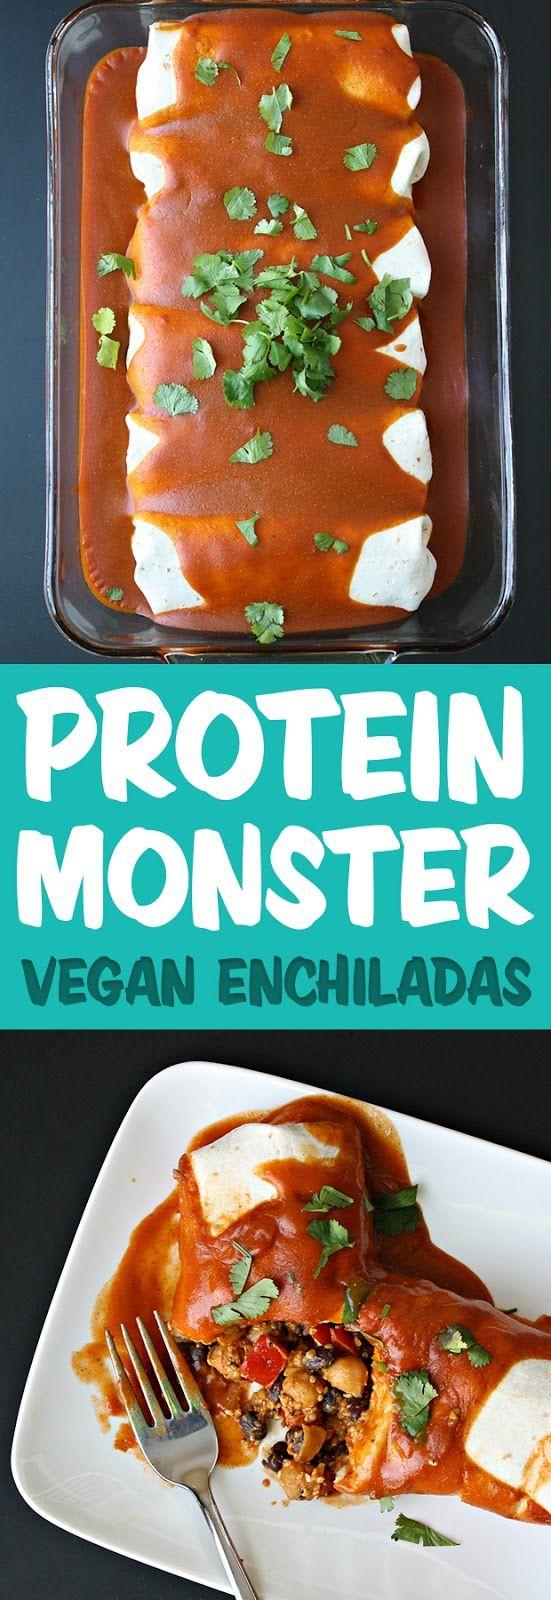 Protein Monster Vegan Enchiladas